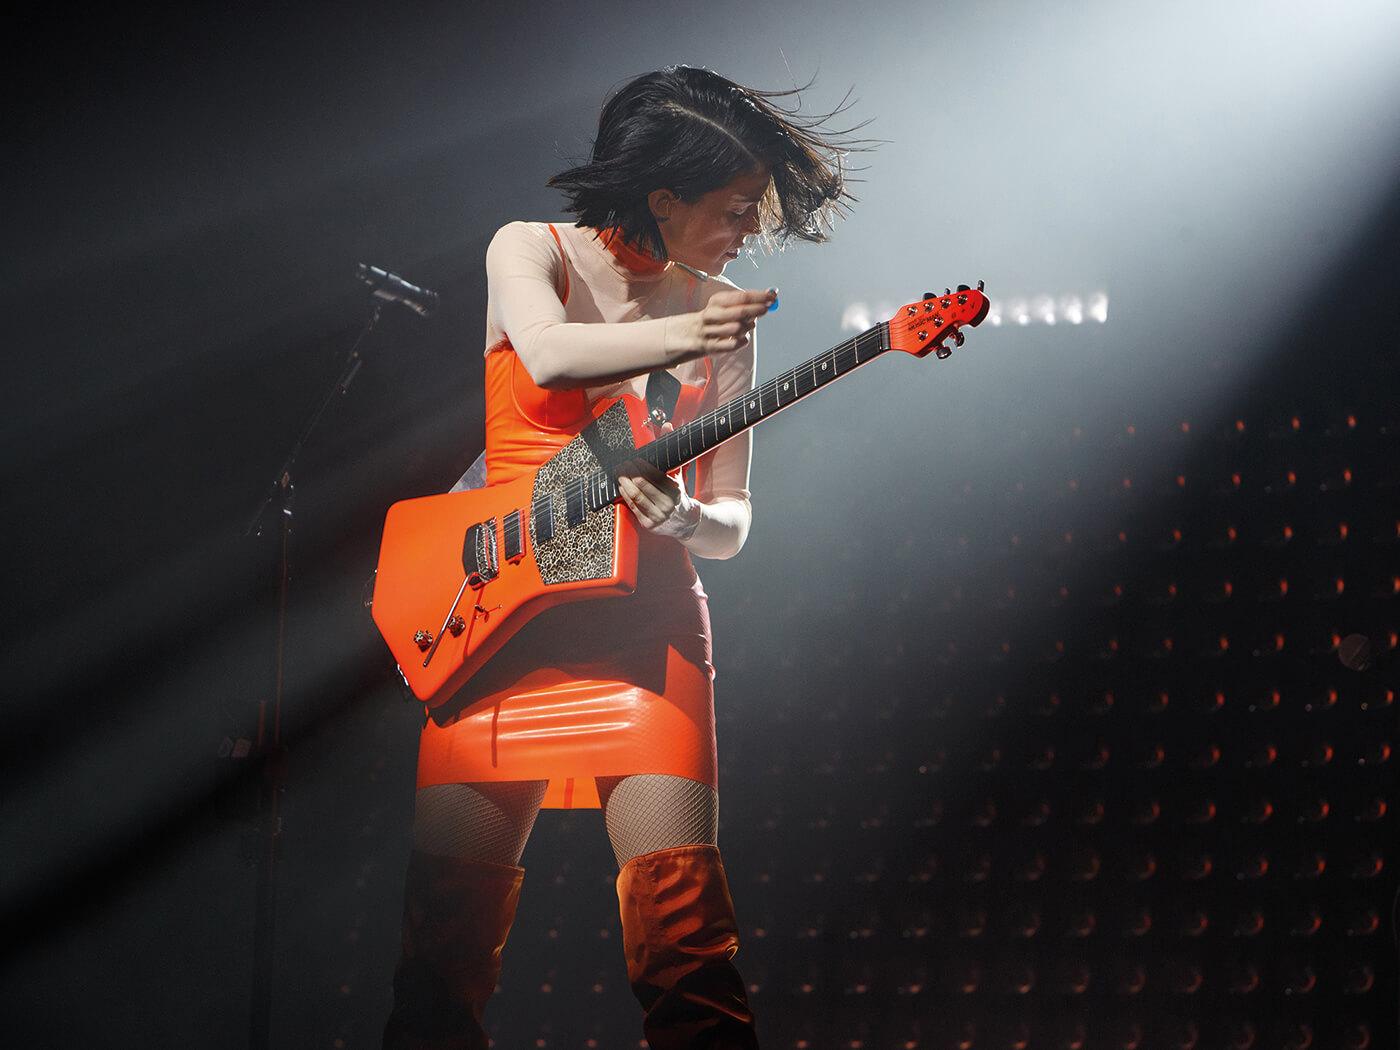 st vincent live music man signature guitar